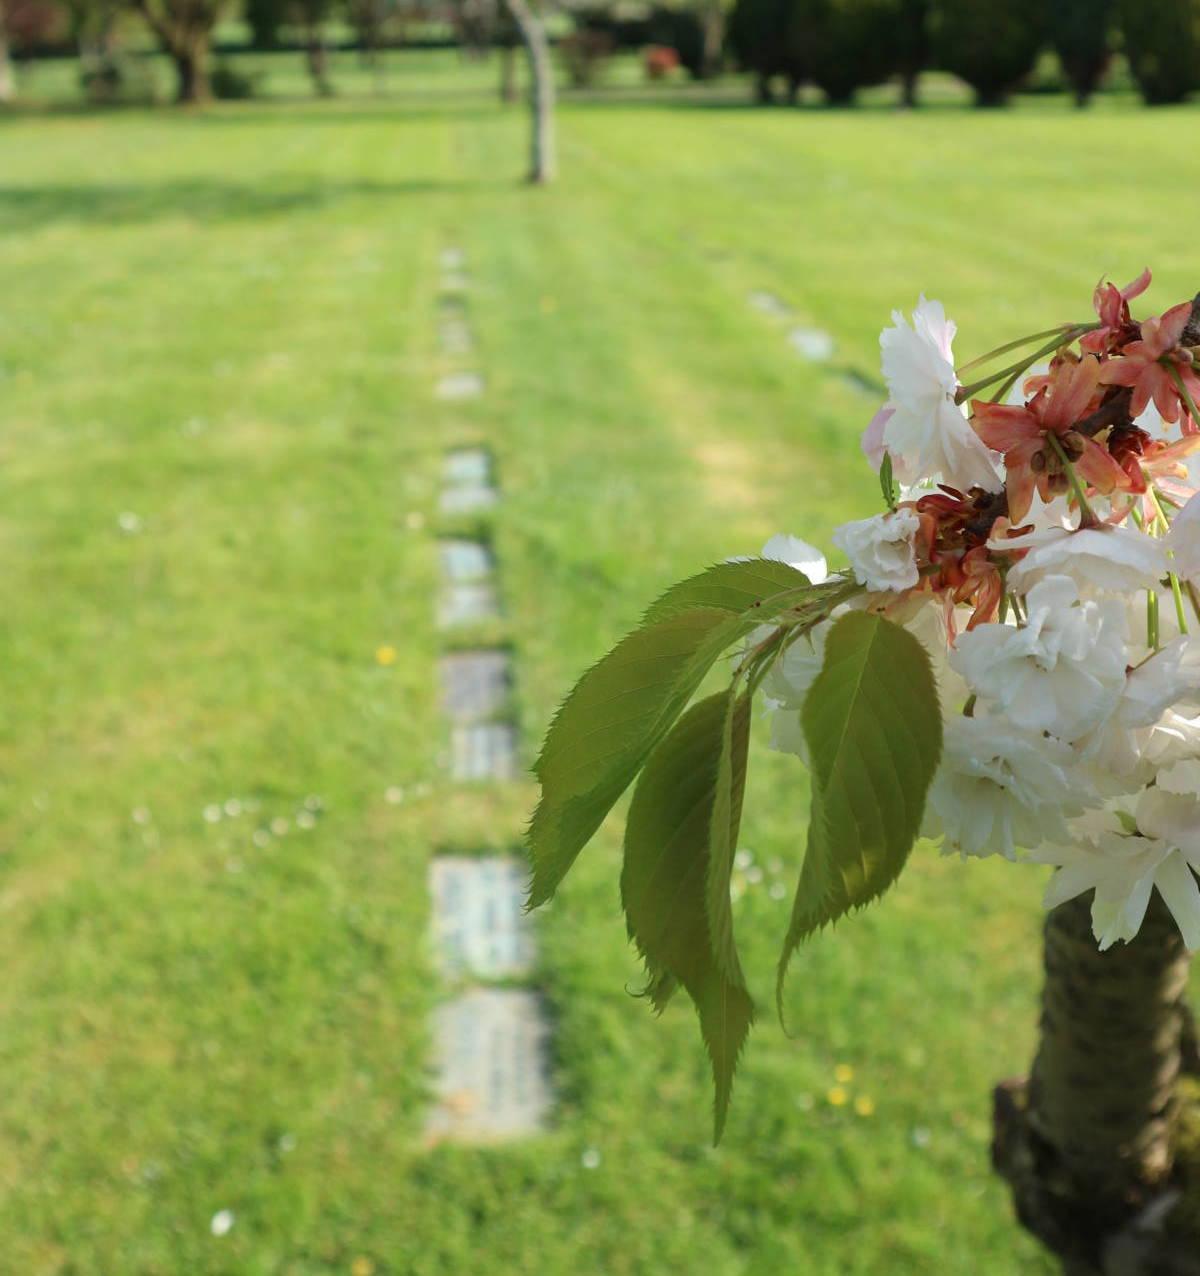 http://drakememorialpark.co.uk/upload/gallery_image/07c334270319114730.JPG